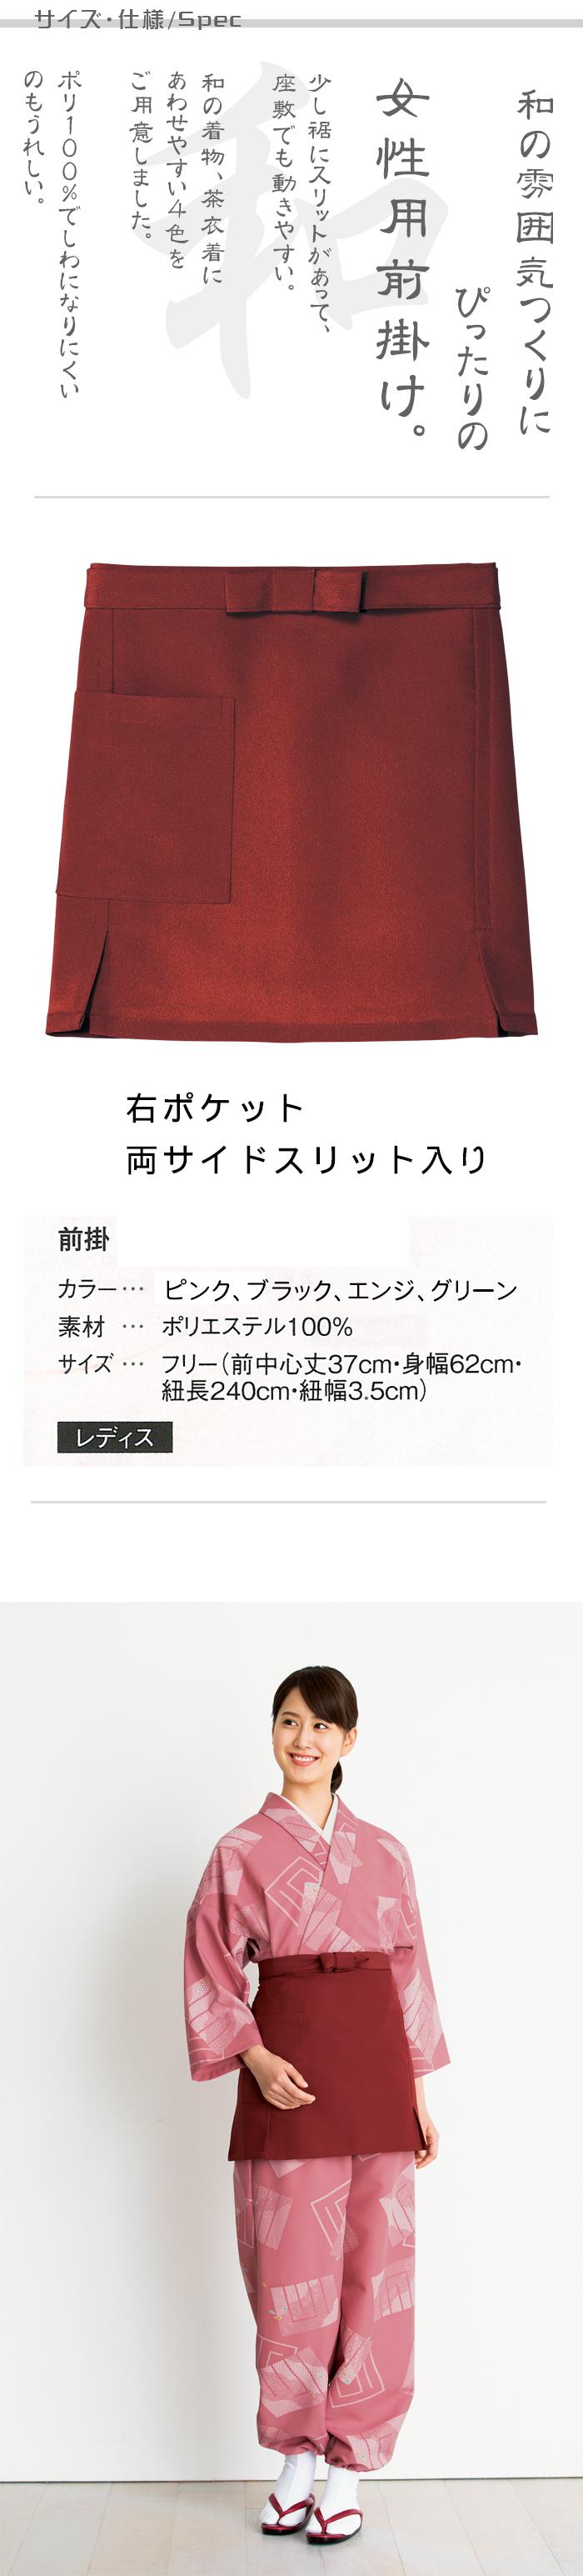 飲食店販売制服 和風店舗に合う女性用前掛け 茶衣着や着物にぴったり  商品サイズ、スペック説明